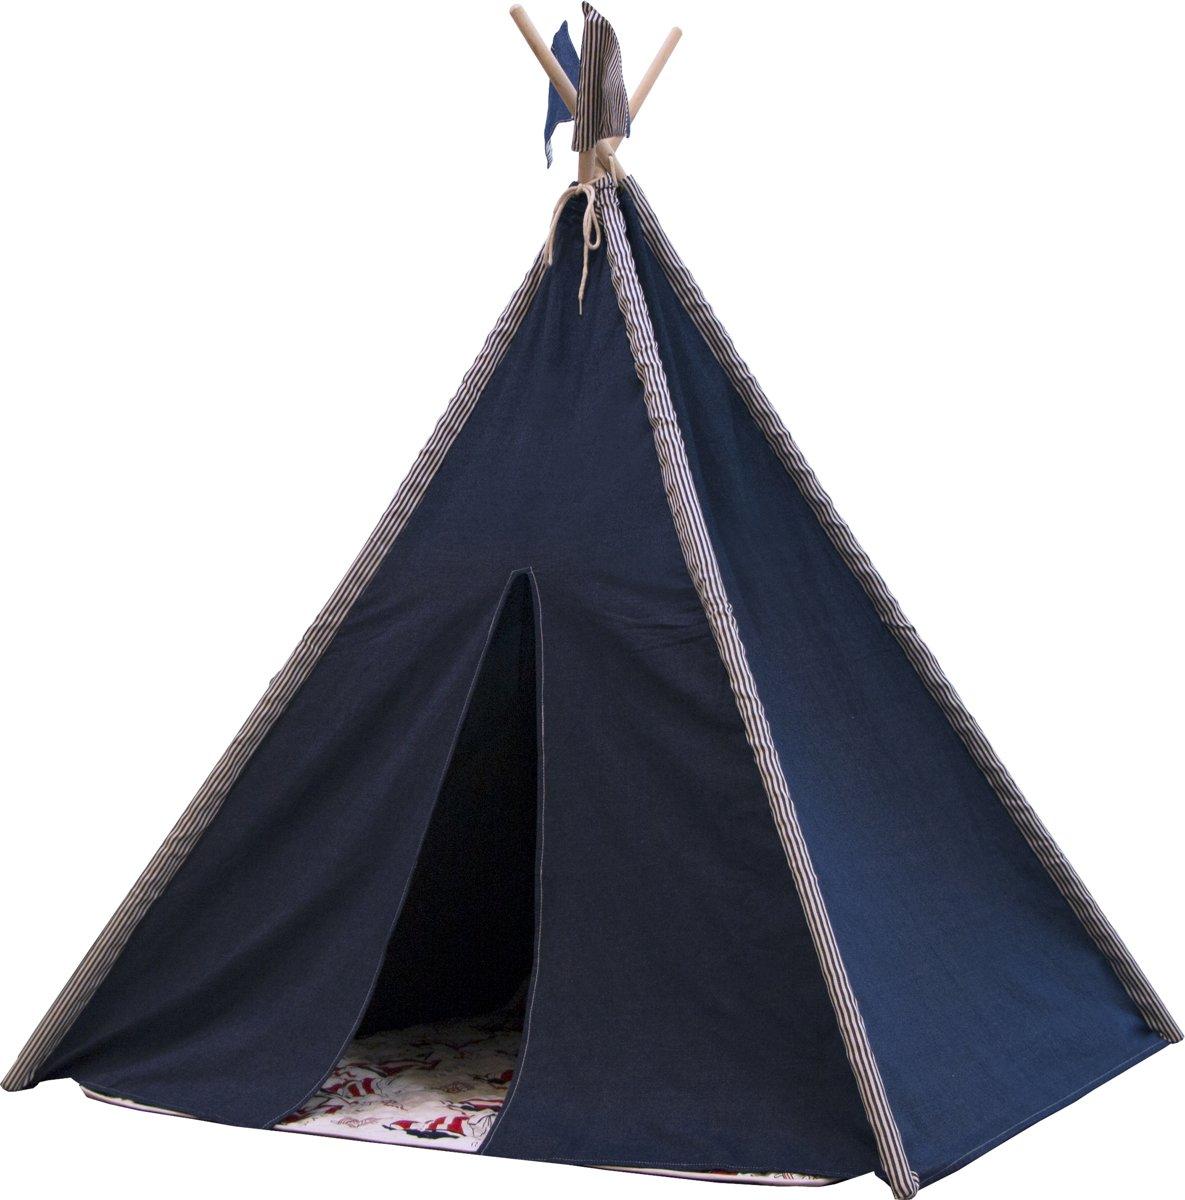 Nautic Teepee Tent met Kleed & 2 Vlaggetjes - Tipi Tent - Blauw - FSC houten palen